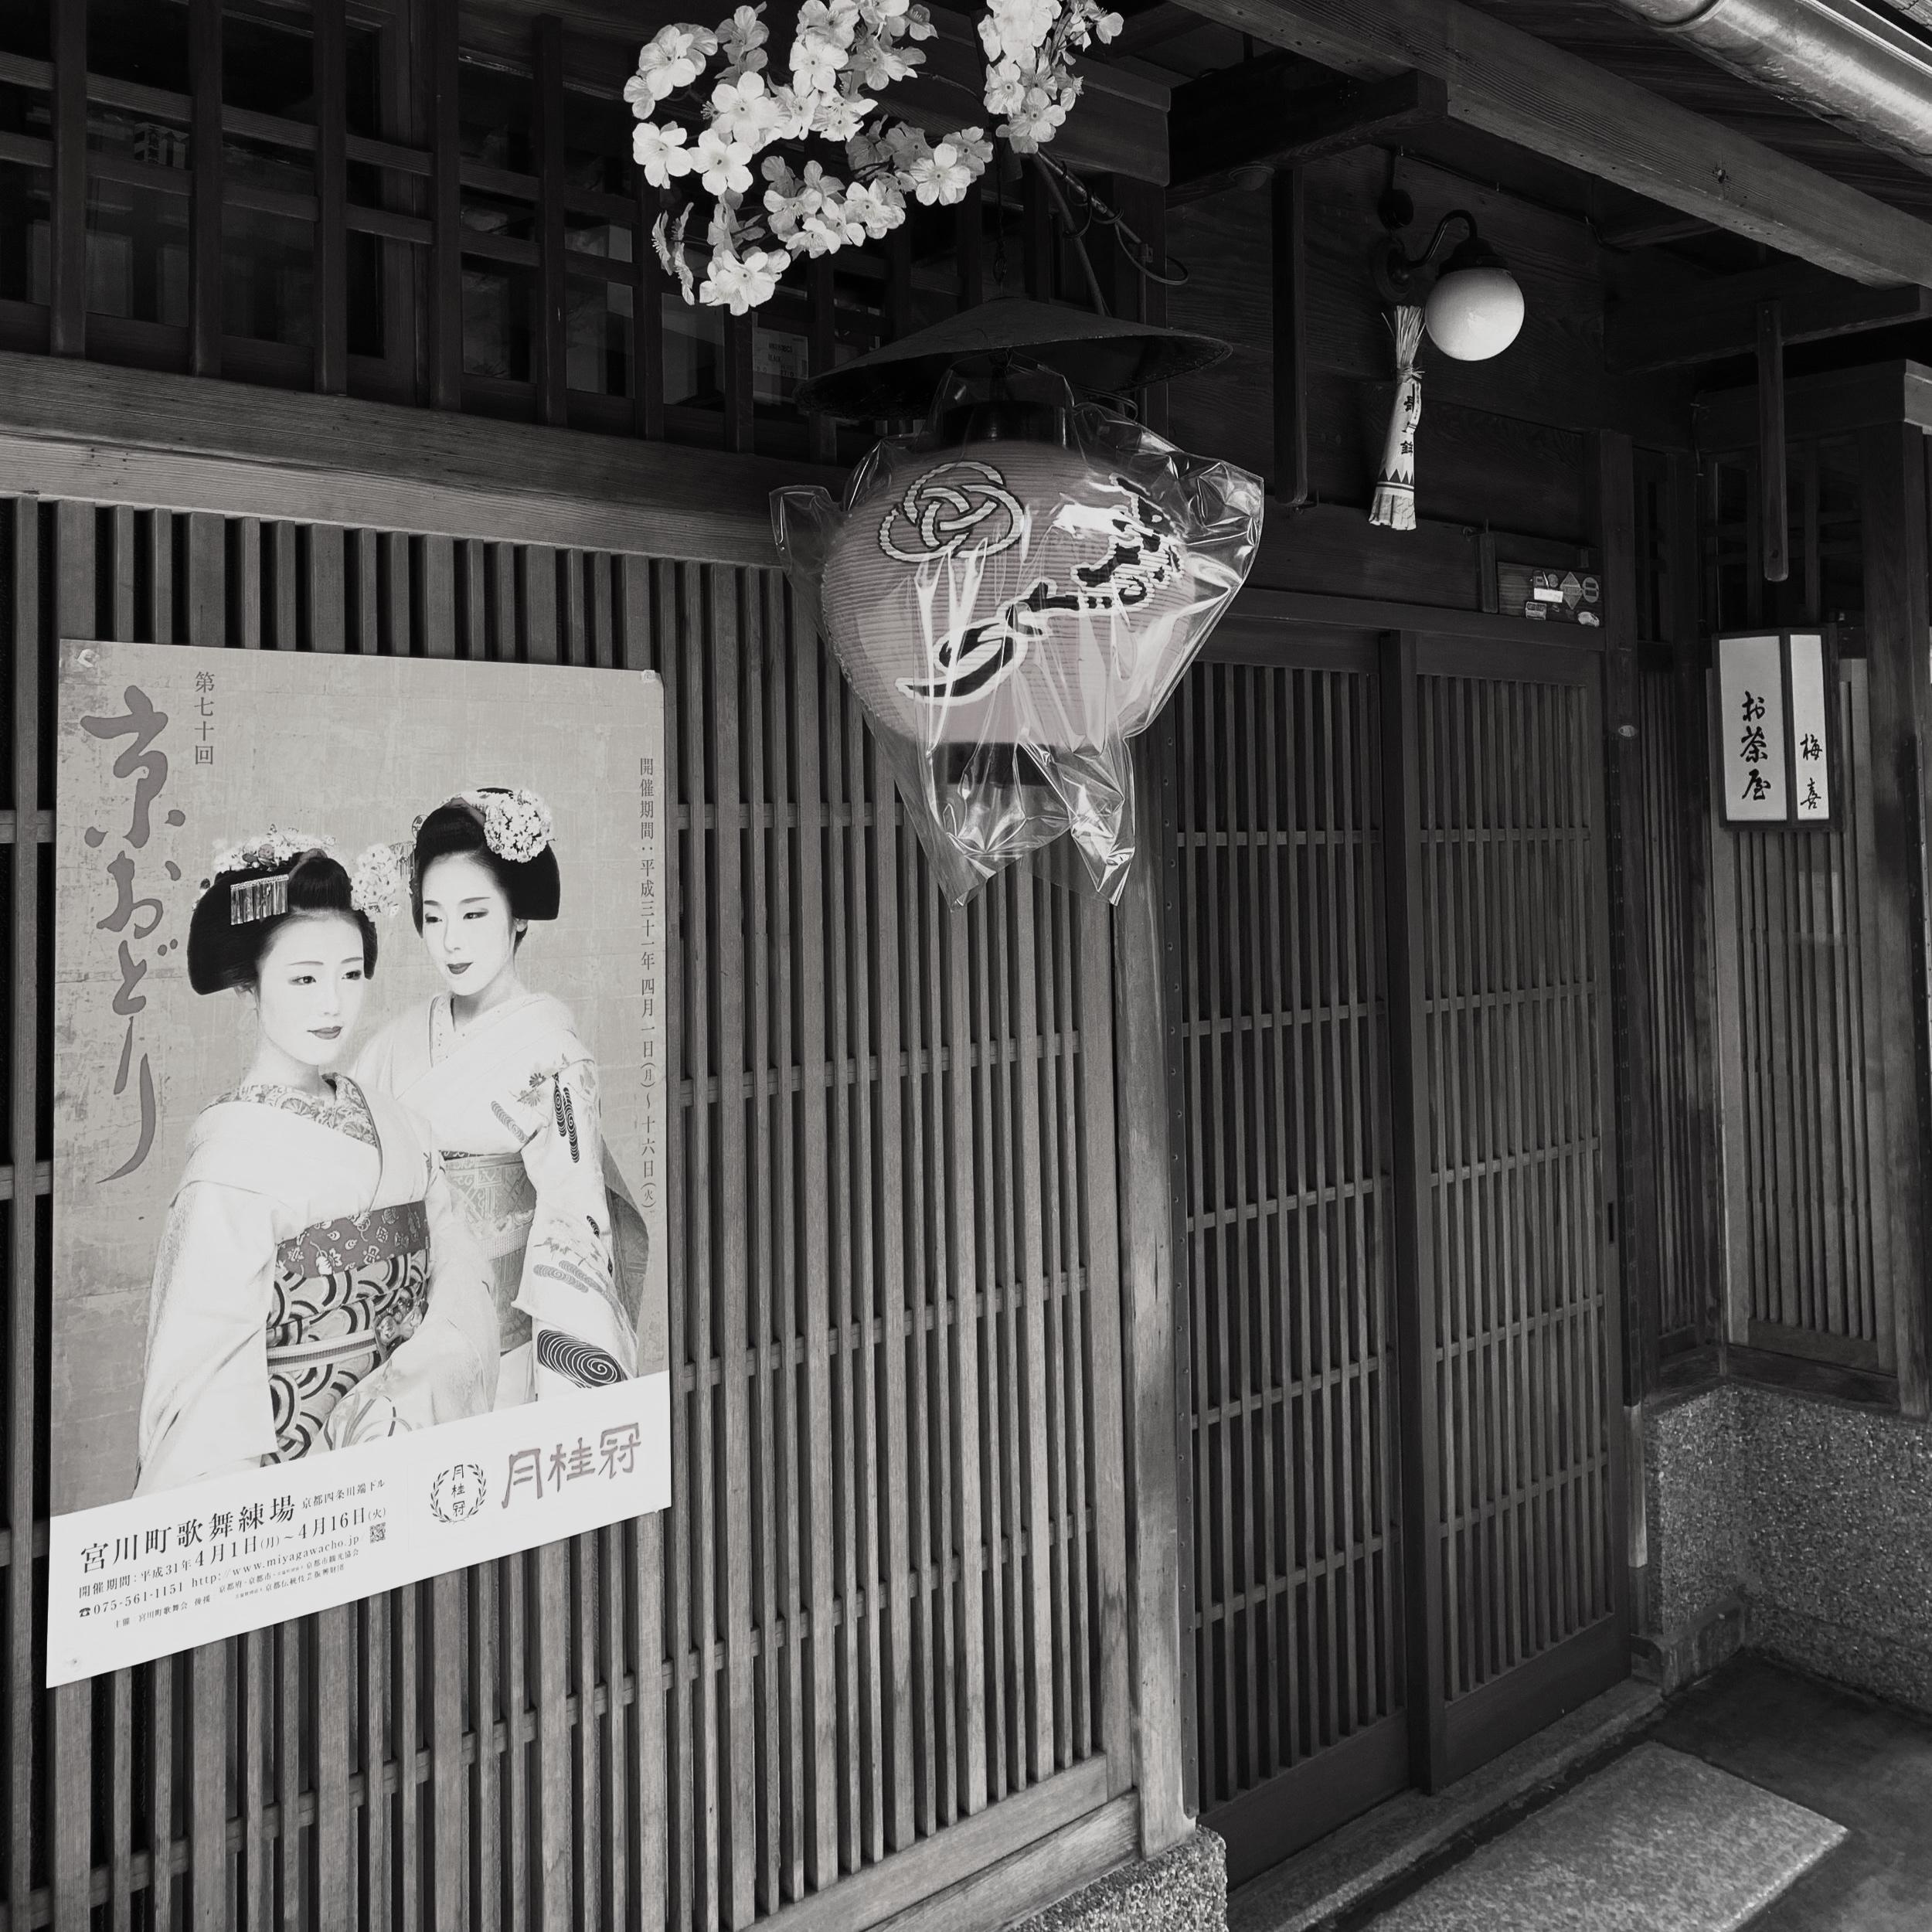 祇園 うめよし - 明治時代の築120年のお茶屋を修復・保存(京都市東山区 2015年)